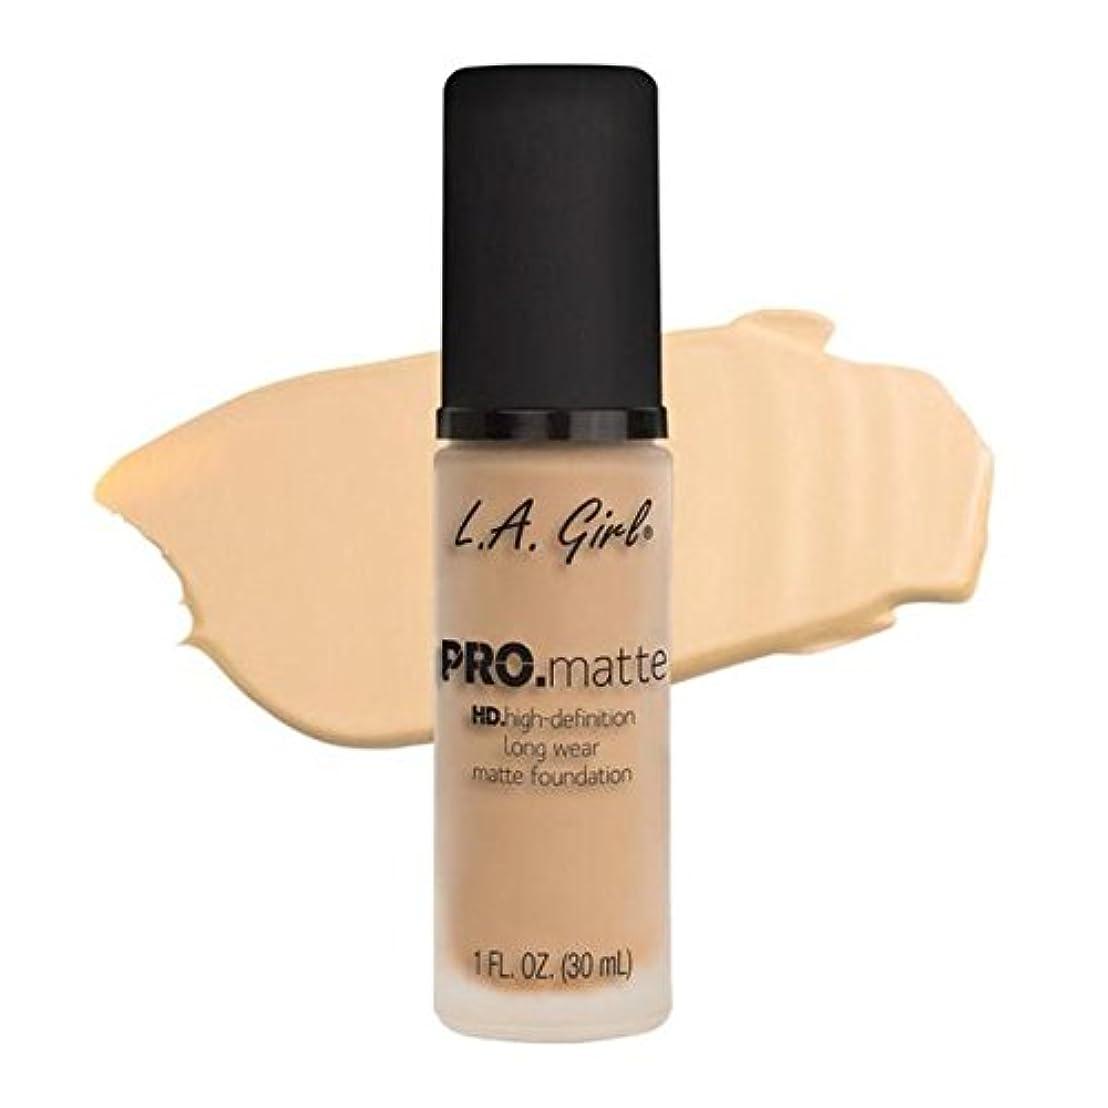 インスタント隣接球状LA Girl PRO.mattte HD.high-definition long wear matte foundation (GLM671 Ivory)